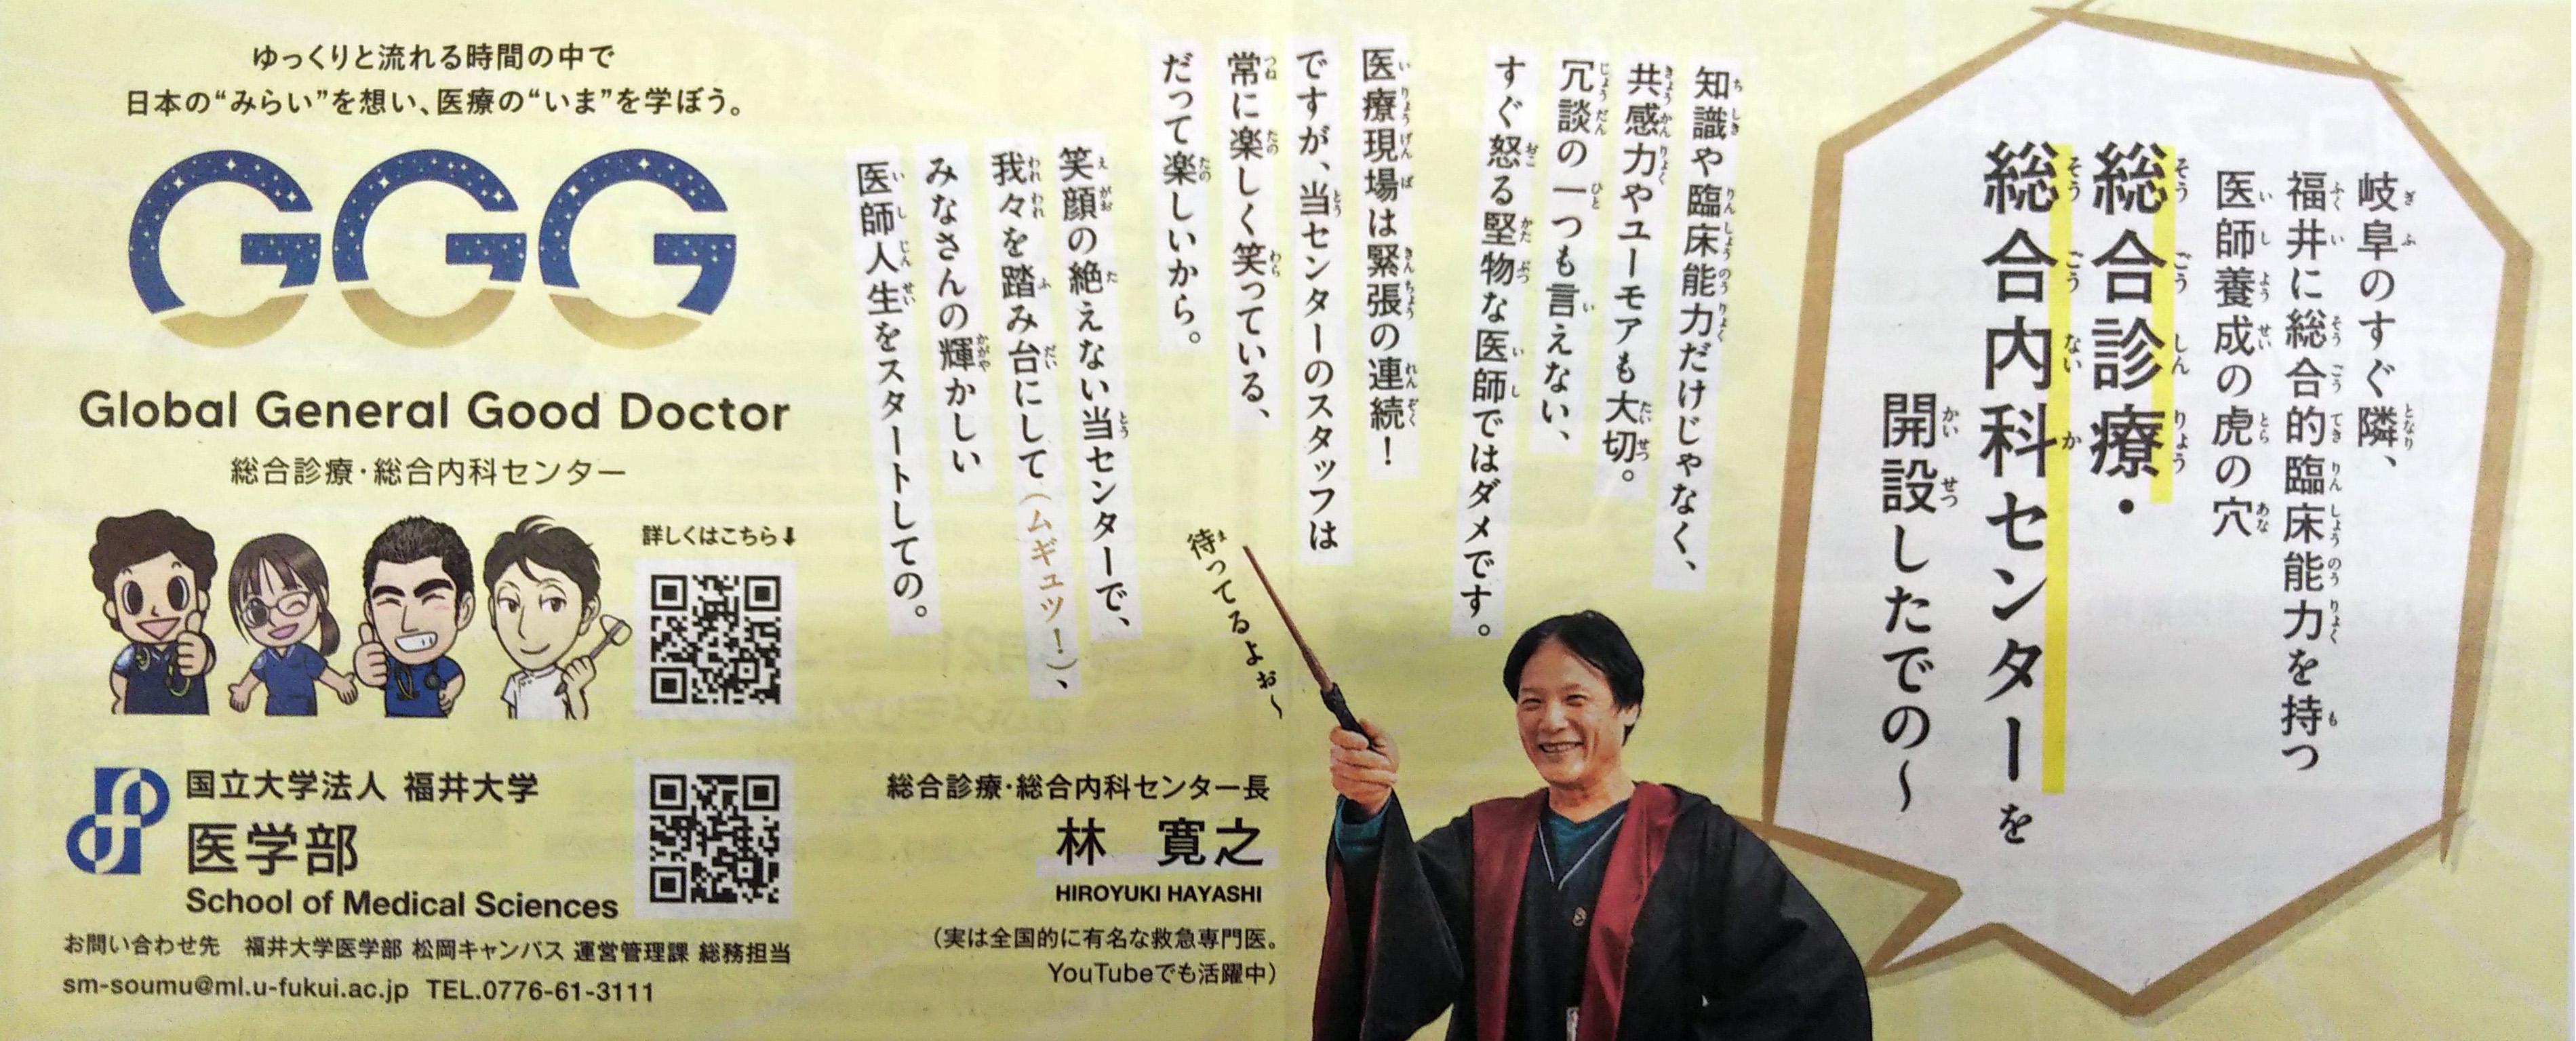 岐阜新聞の高校生ダイアリーにGGGセンターが紹介されました!